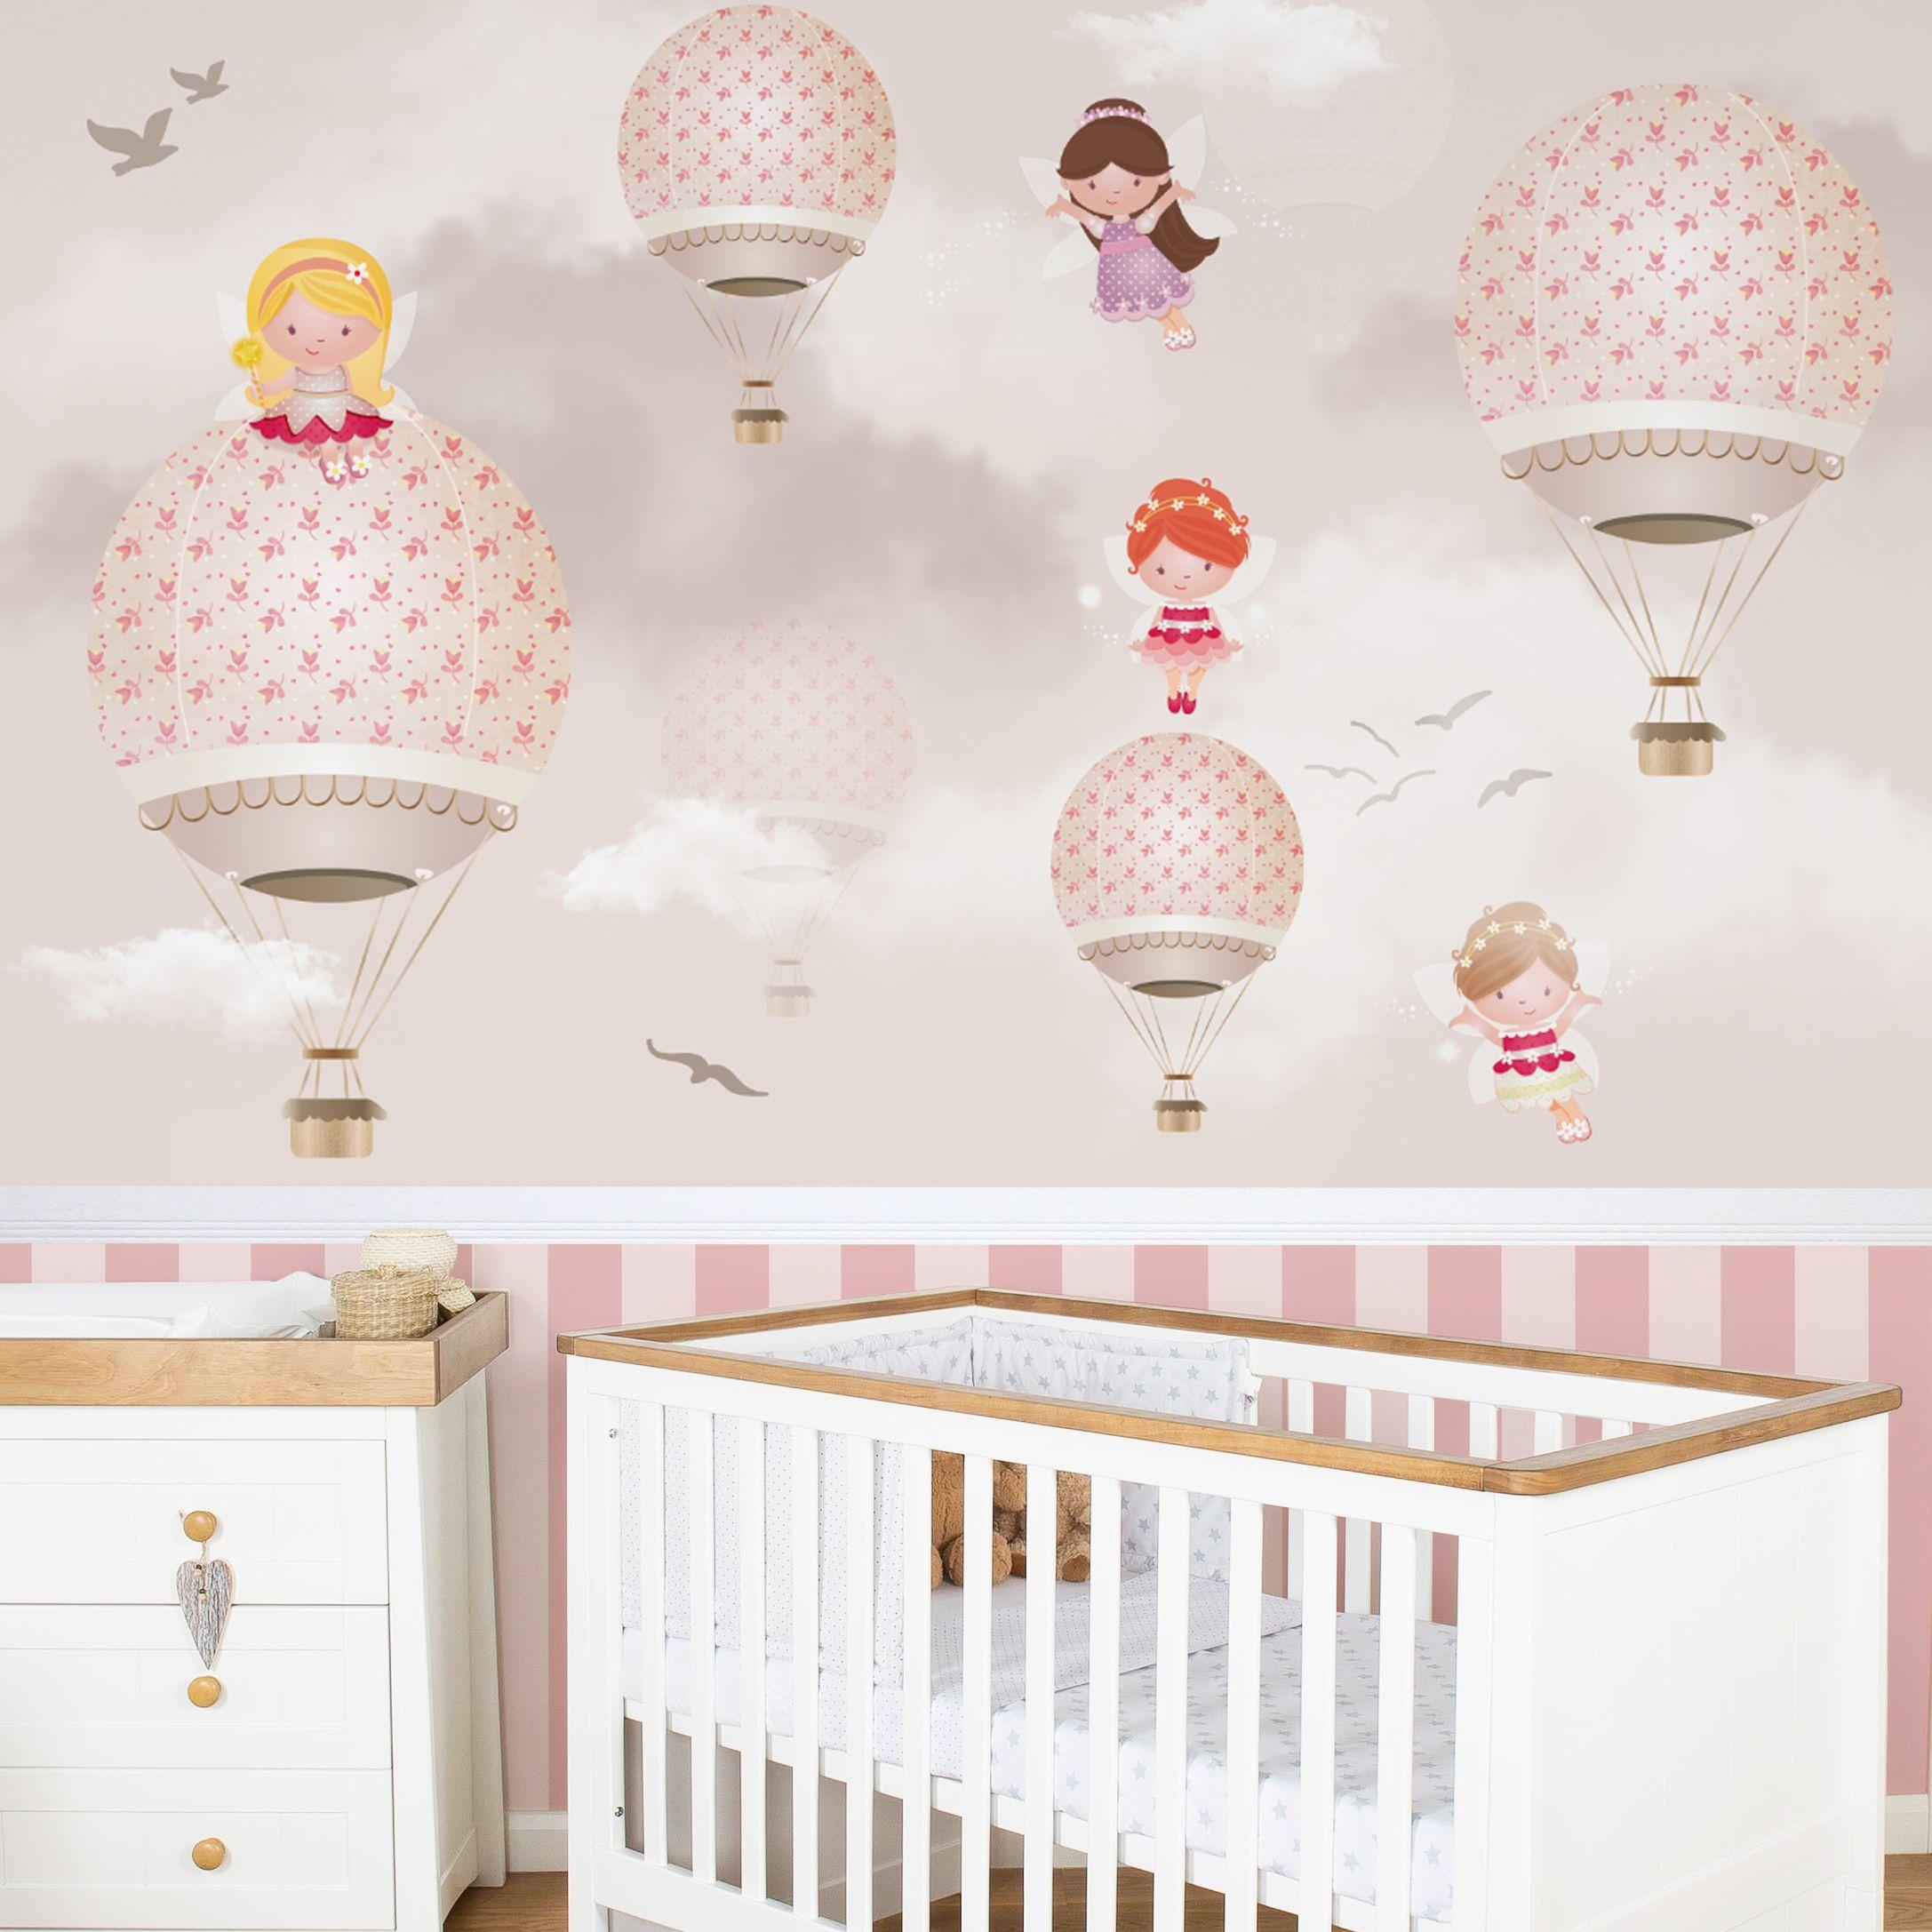 Nossa matria de decorao est ainda mais ldica e divertida que o  habitual. Vamos falar sobre o mgico quarto de beb com bales.